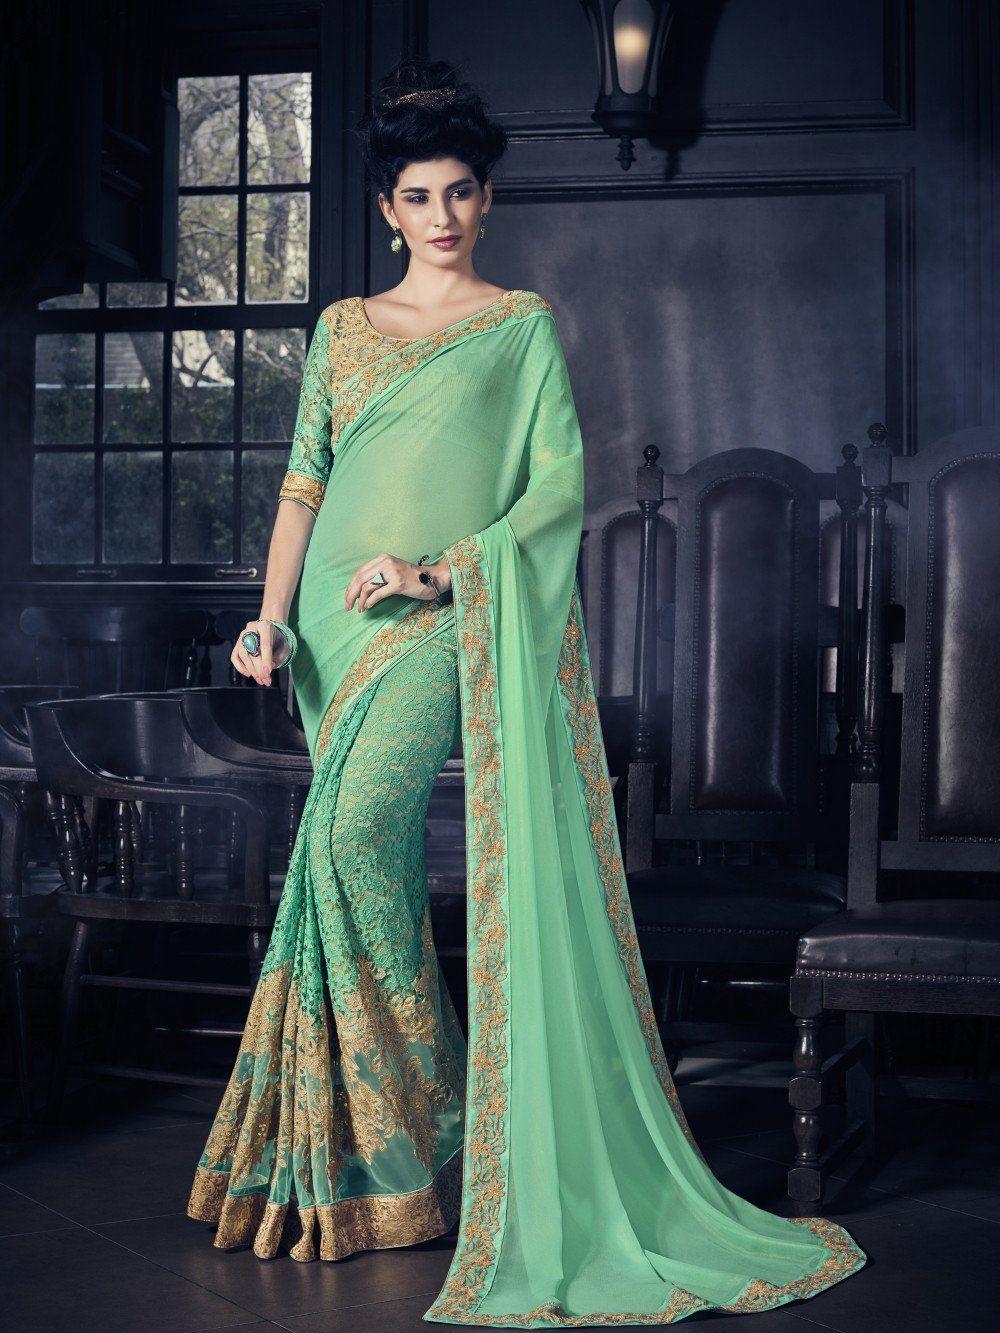 Mango vol saree saree indian dresses and sarees online